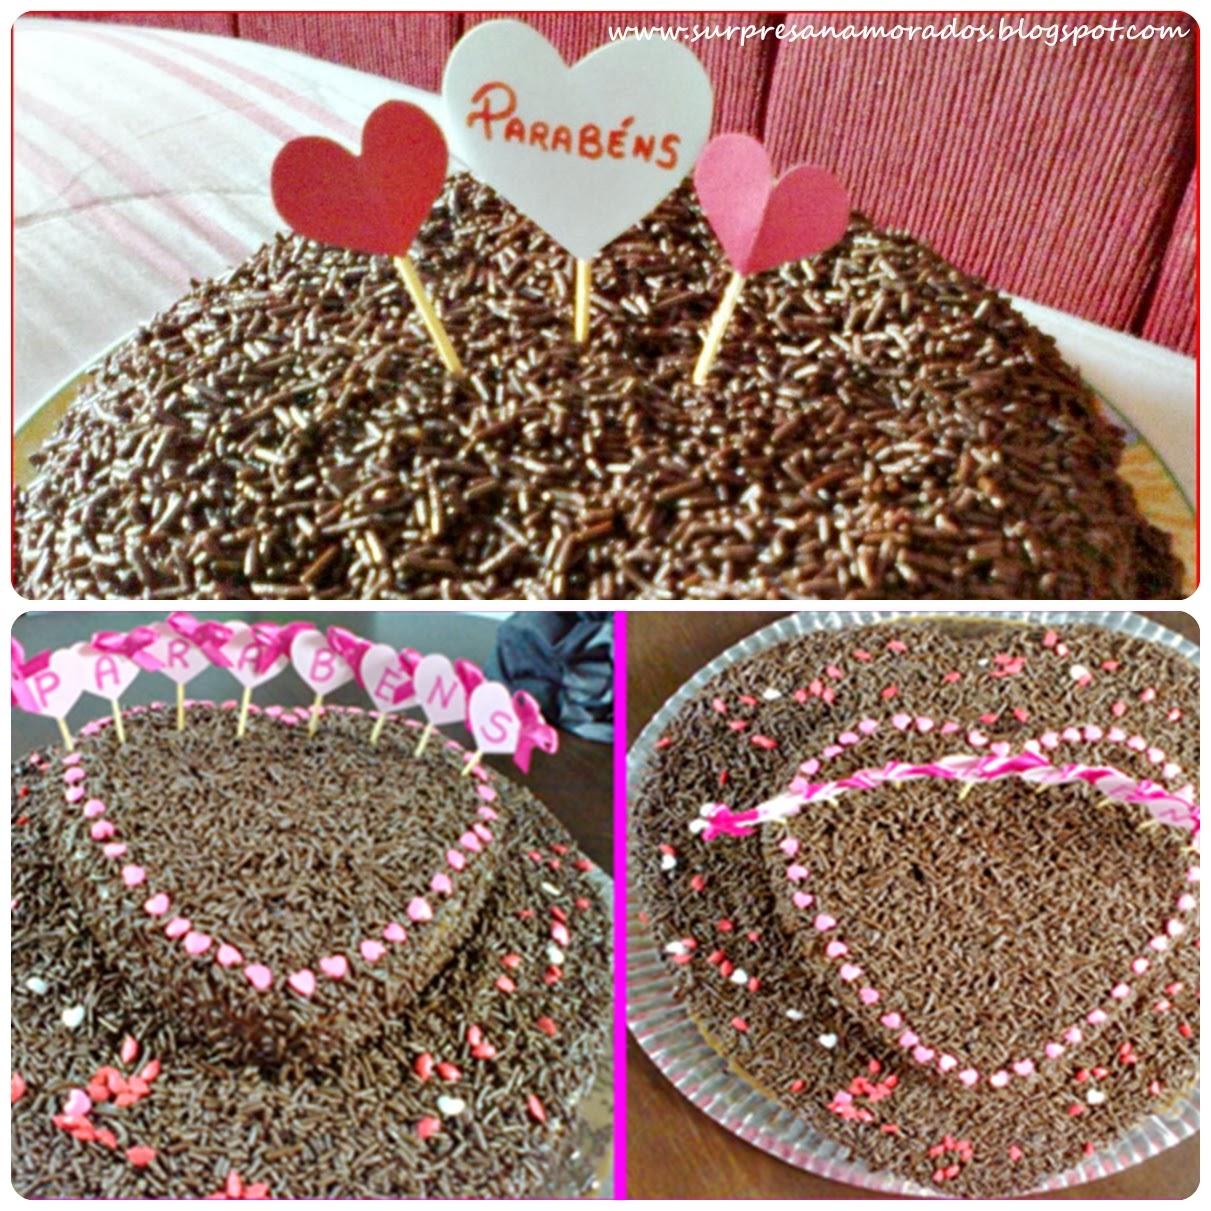 Bodas De Chocolate 5 Meses De Namoro Surpresas Para Namorados